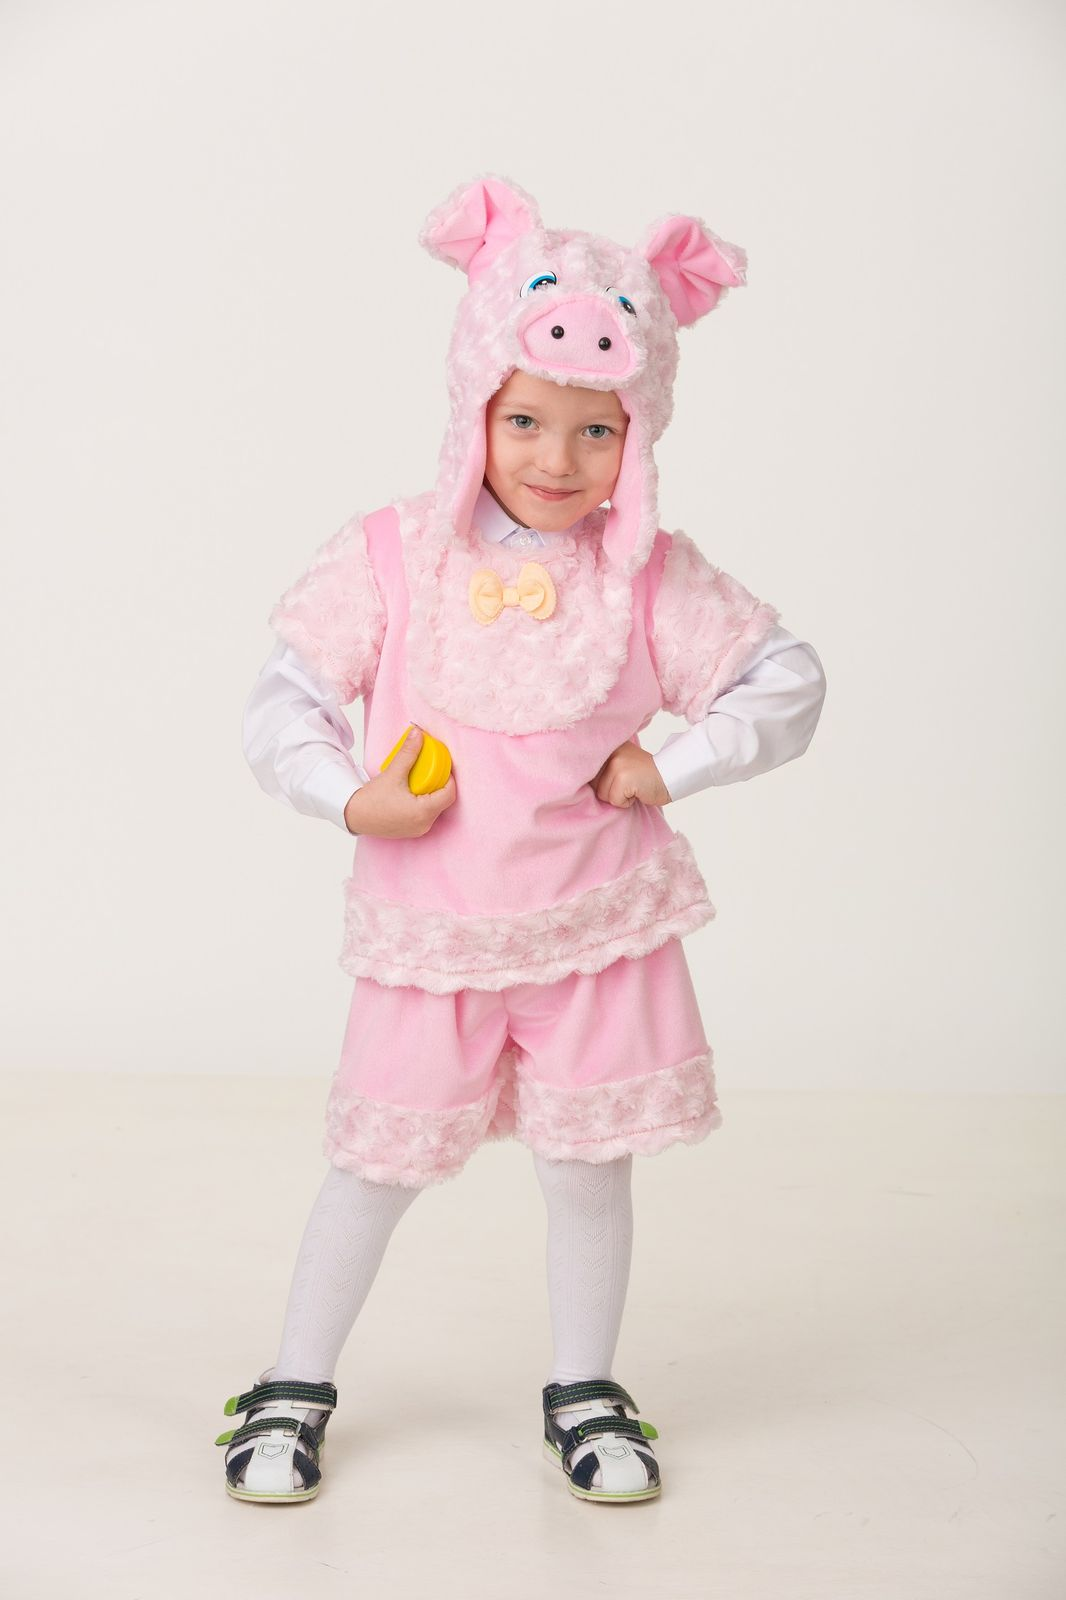 Карнавальный костюм Jeanees Поросёнок Рюрик, цвет: розовый. Размер: 28 карнавальный костюм jeanees мышонок масик цвет серый размер 24